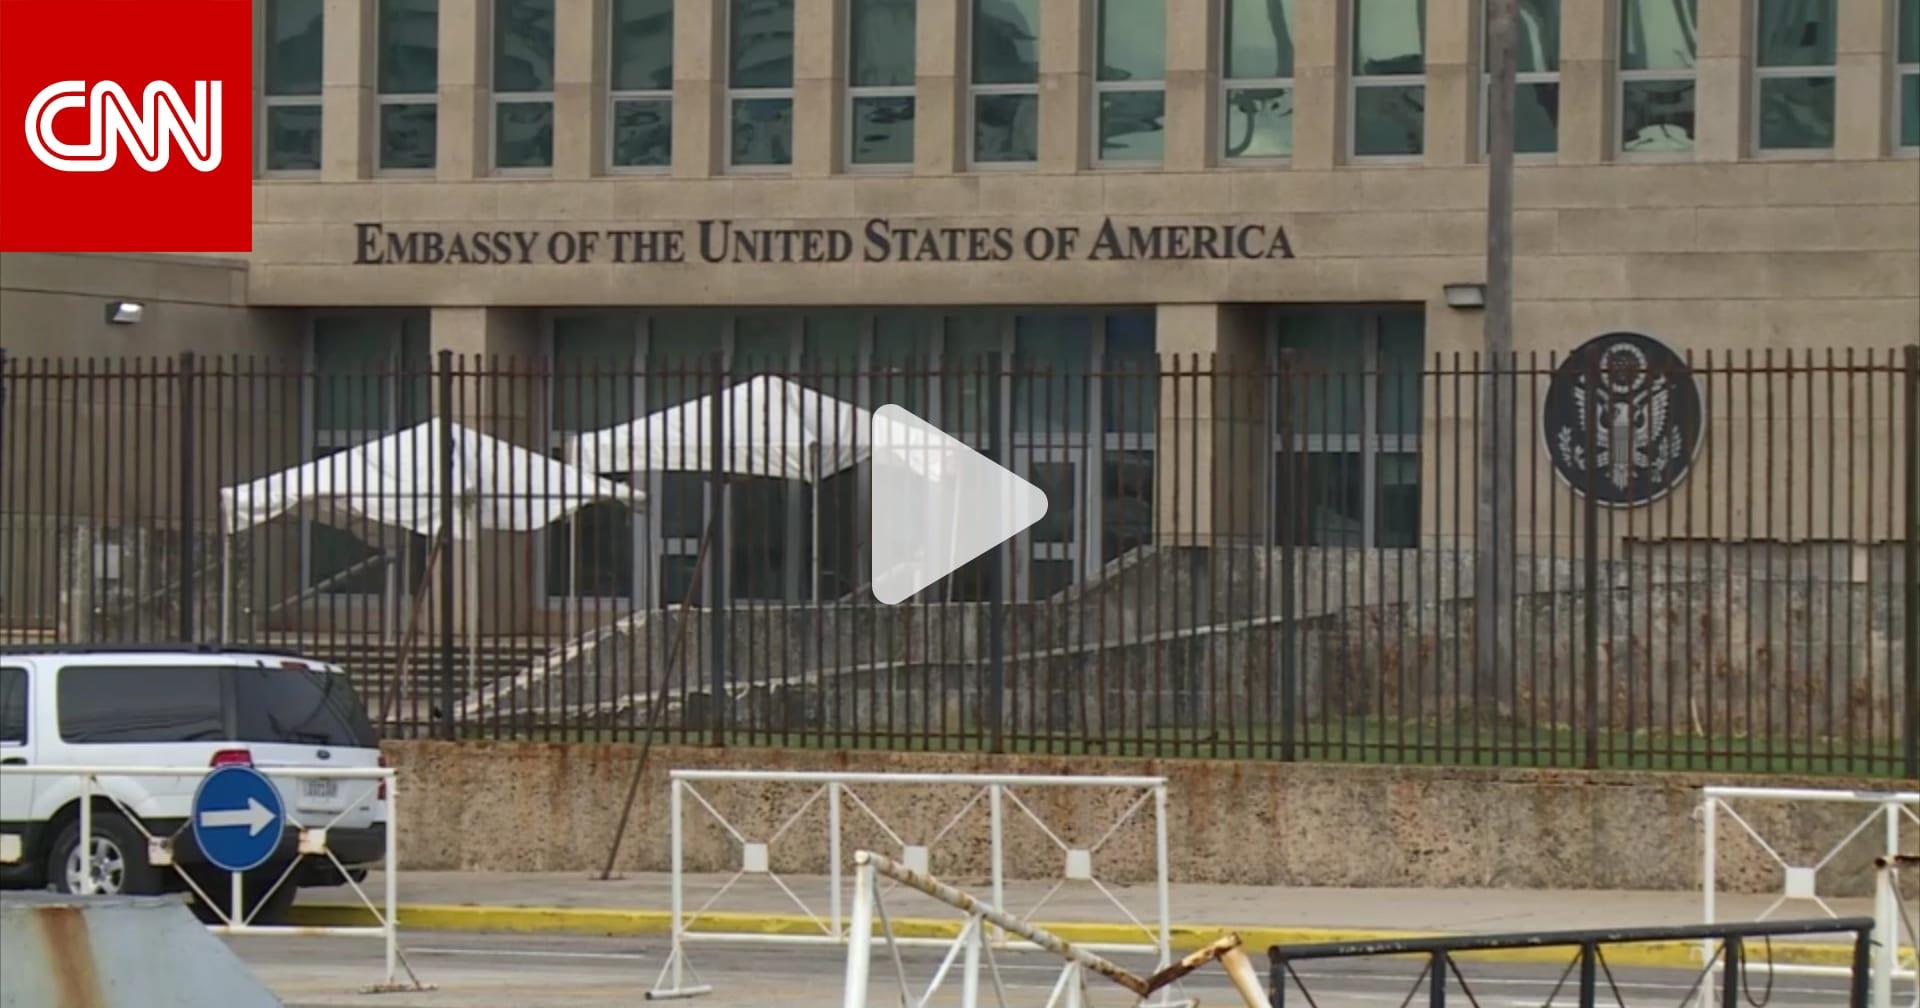 بعد الهجمات الصوتية الغامضة.. هل يعيد بايدن فتح السفارة الأمريكية في كوبا؟